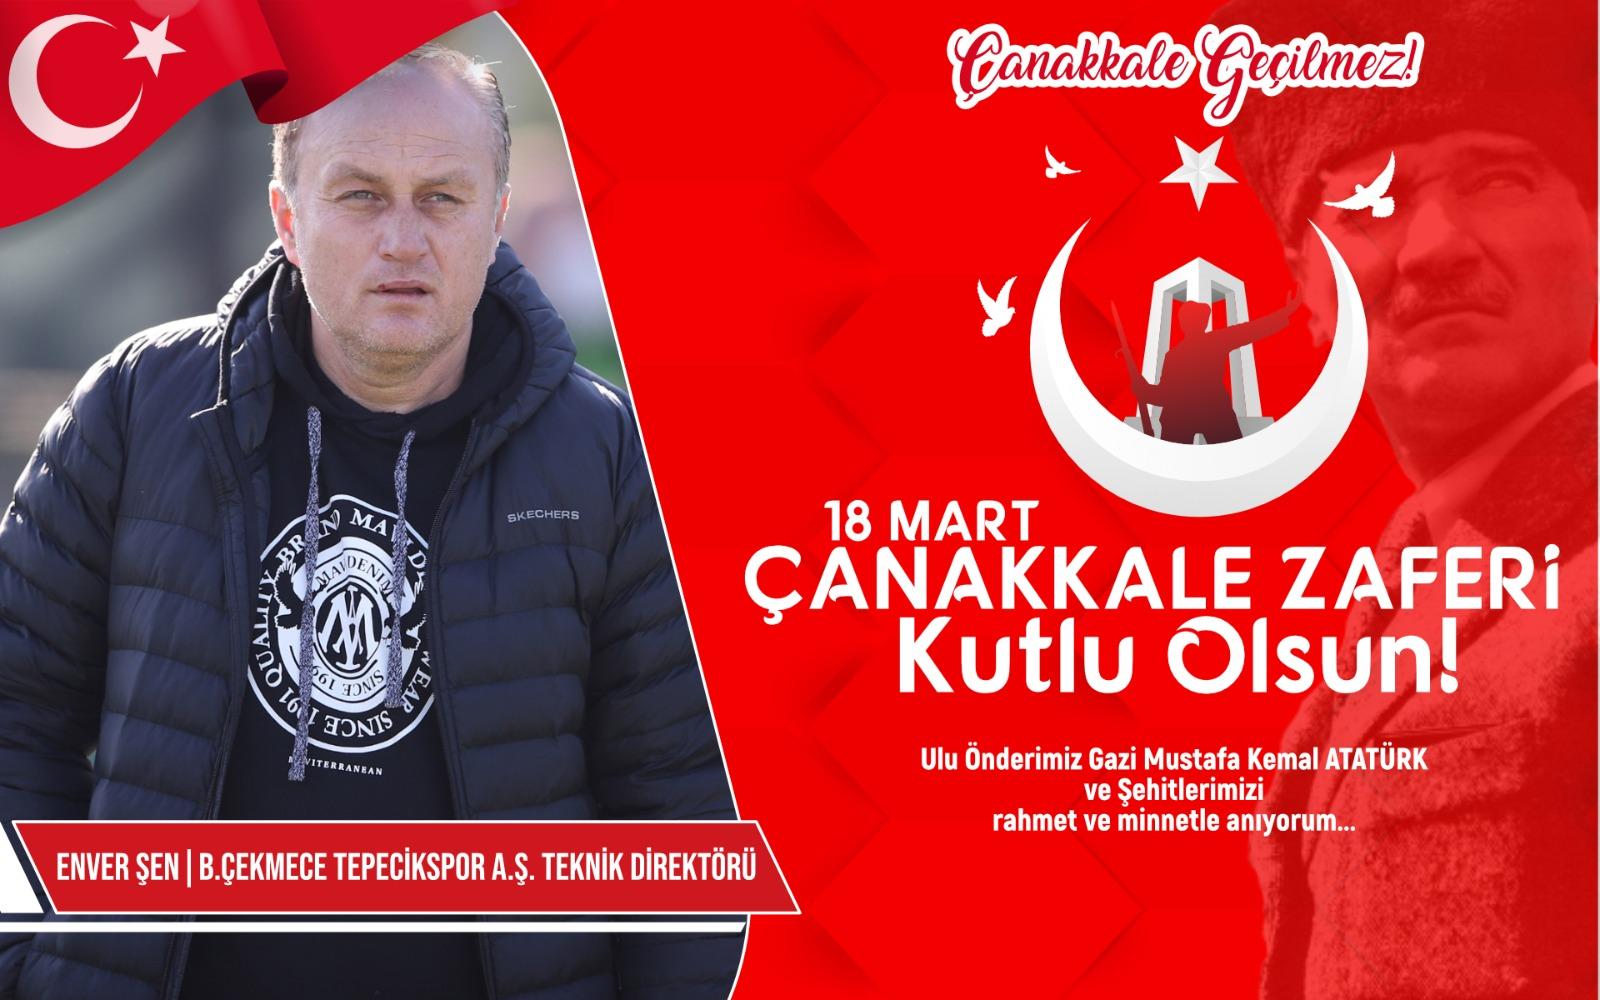 B.Çekmece Tepecikspor AŞ Teknik Direktörü Enver Şen Kutlama ve Anma mesajı